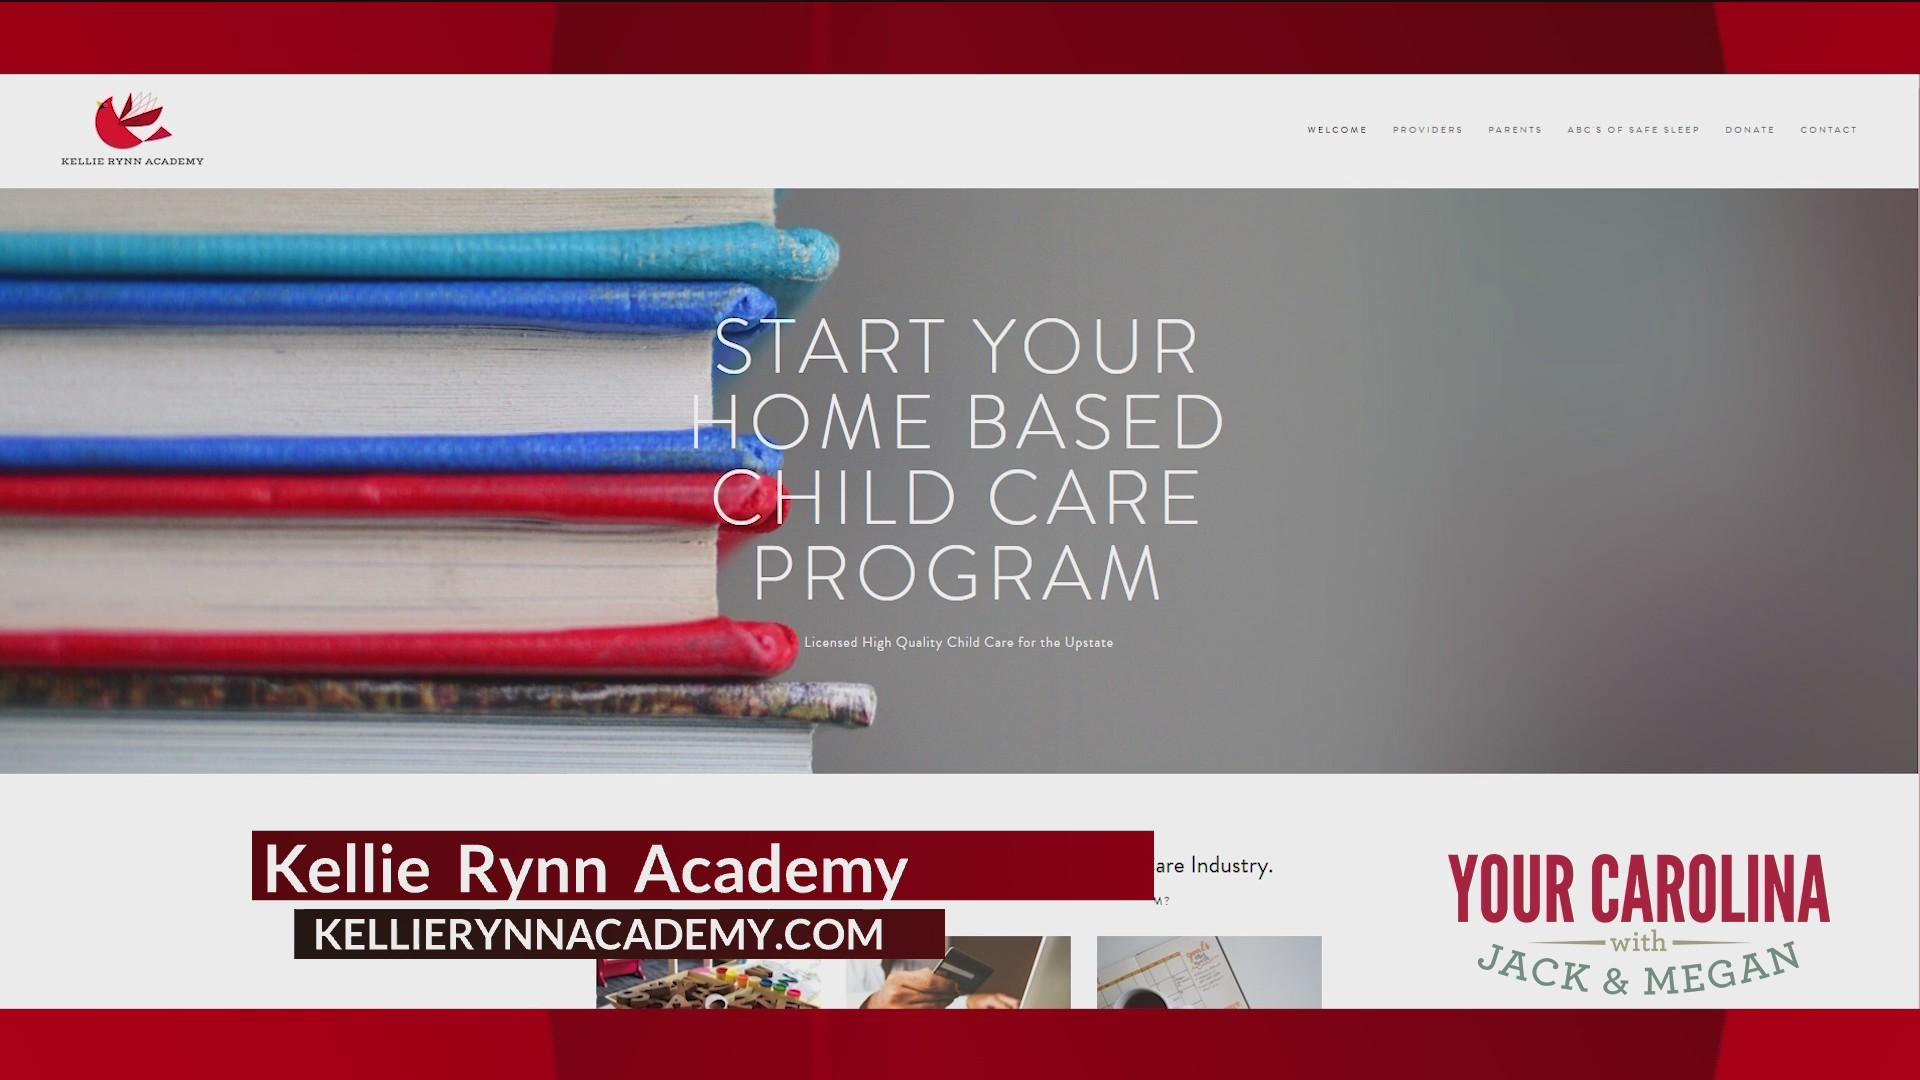 Kellie Rynn Academy